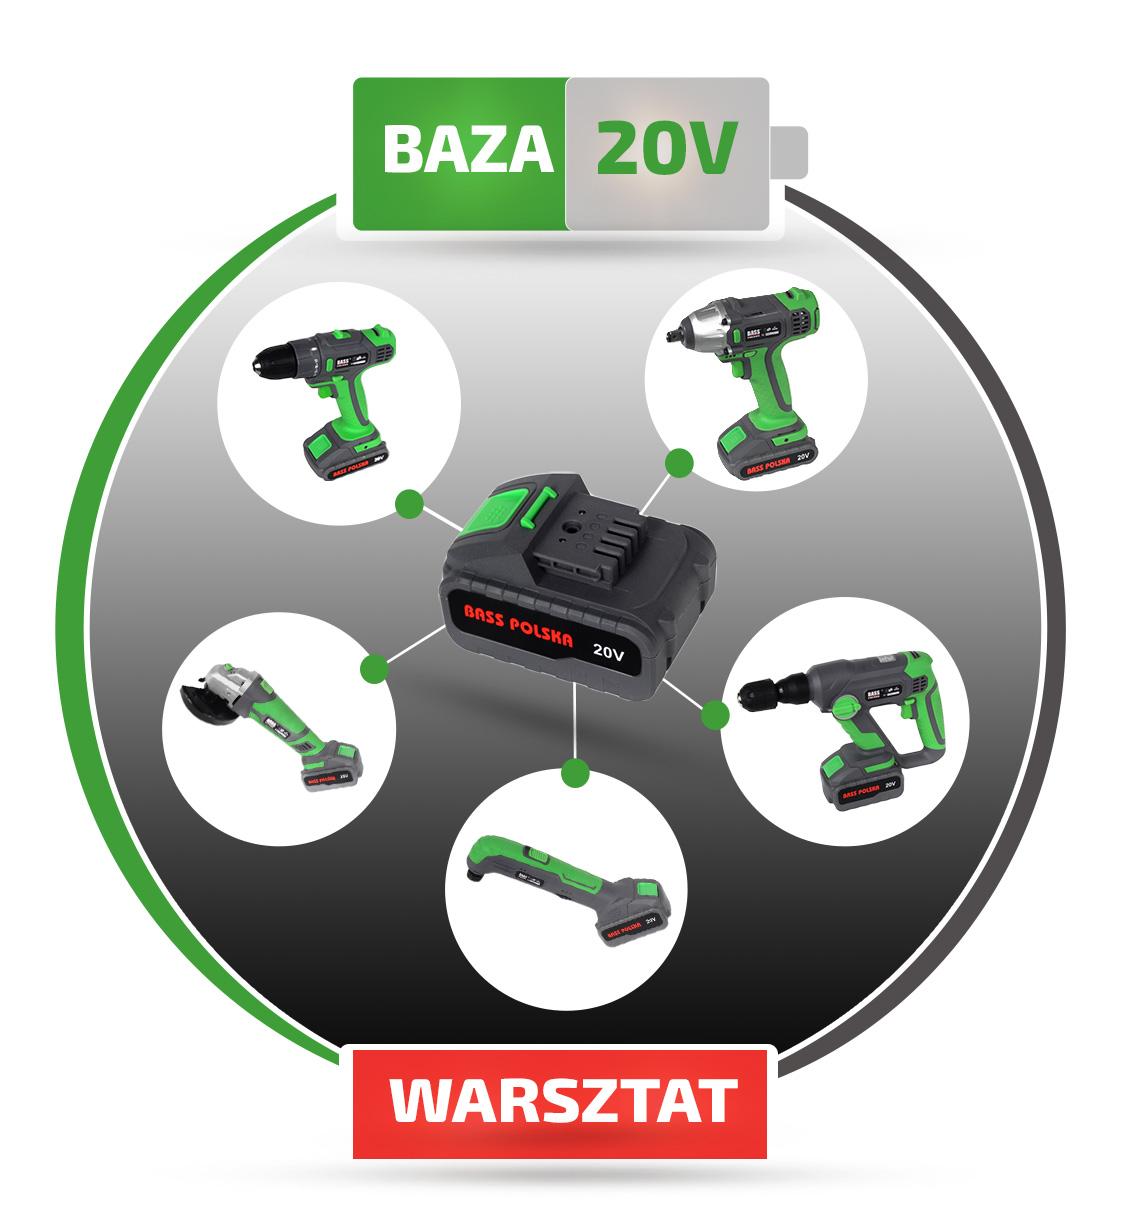 Baza narzędzi z jednym akumulatorem 20V